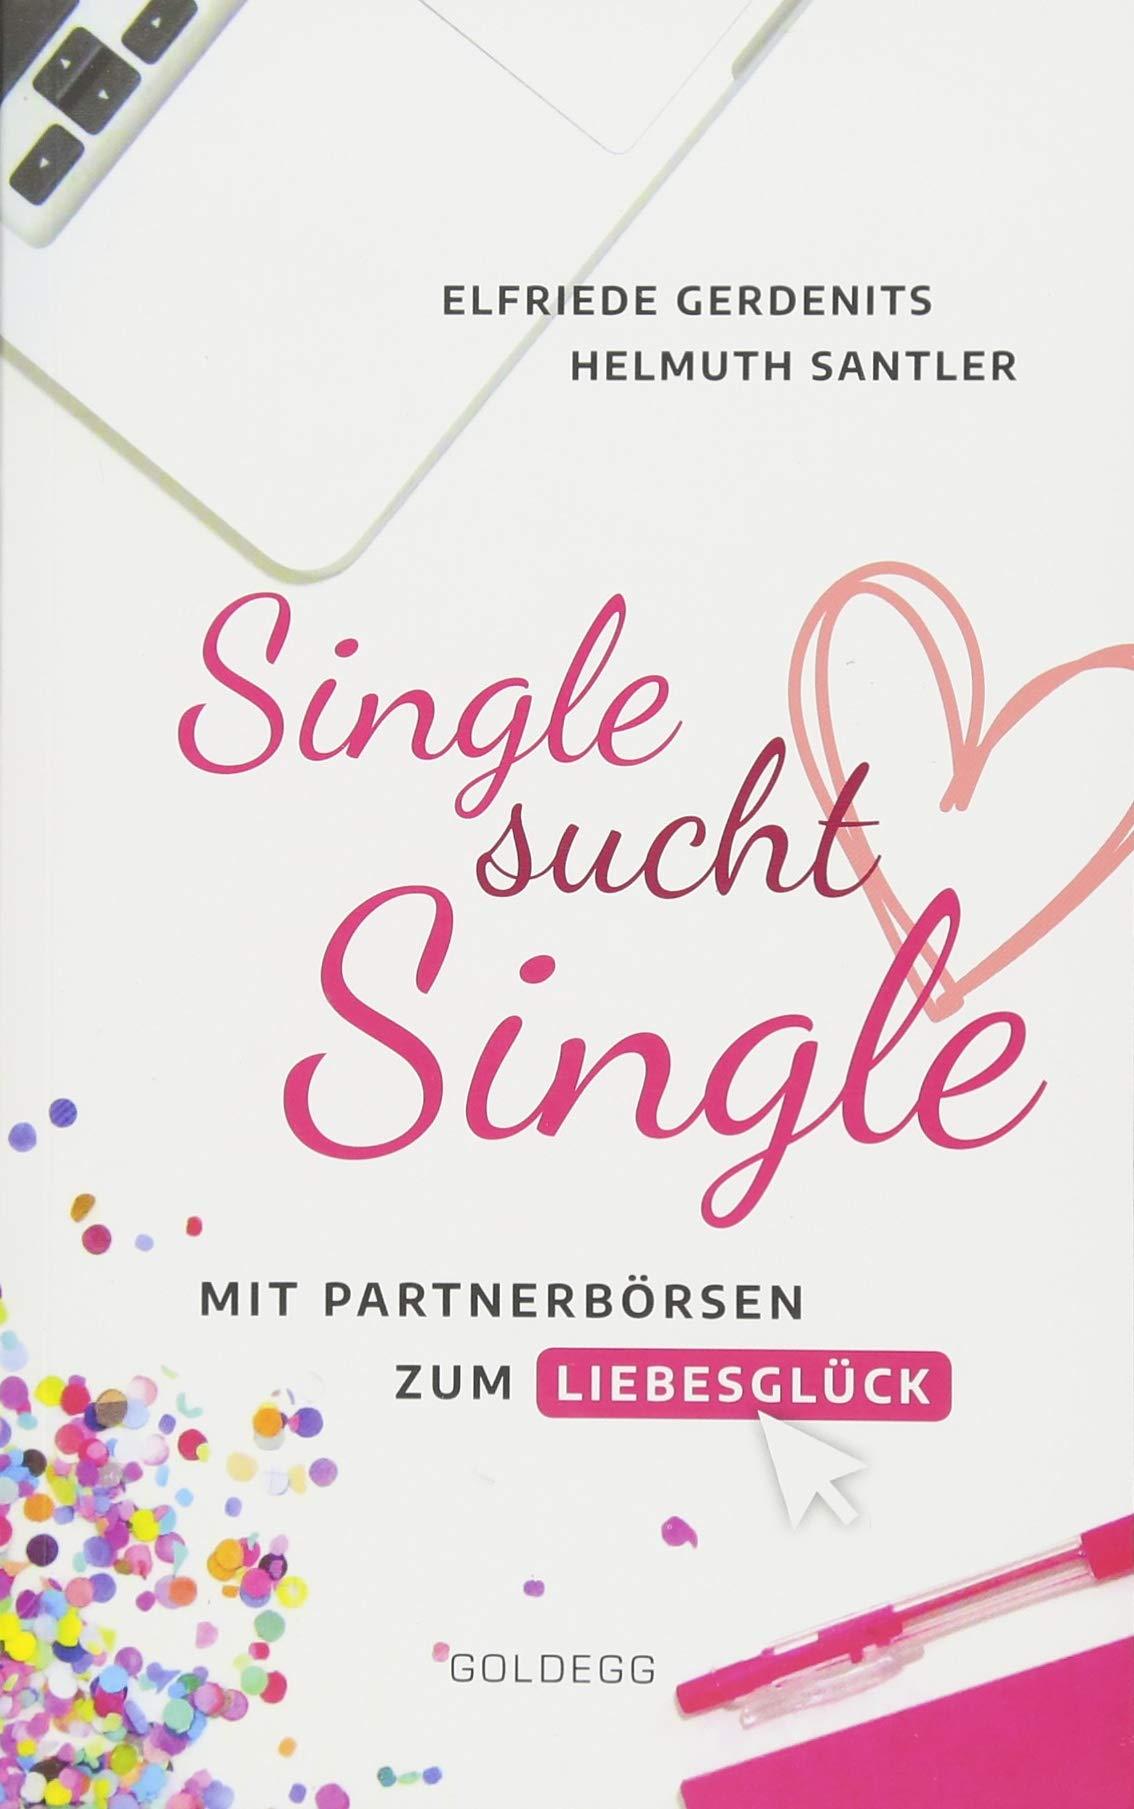 Online-Dating für glutenfreie Singles